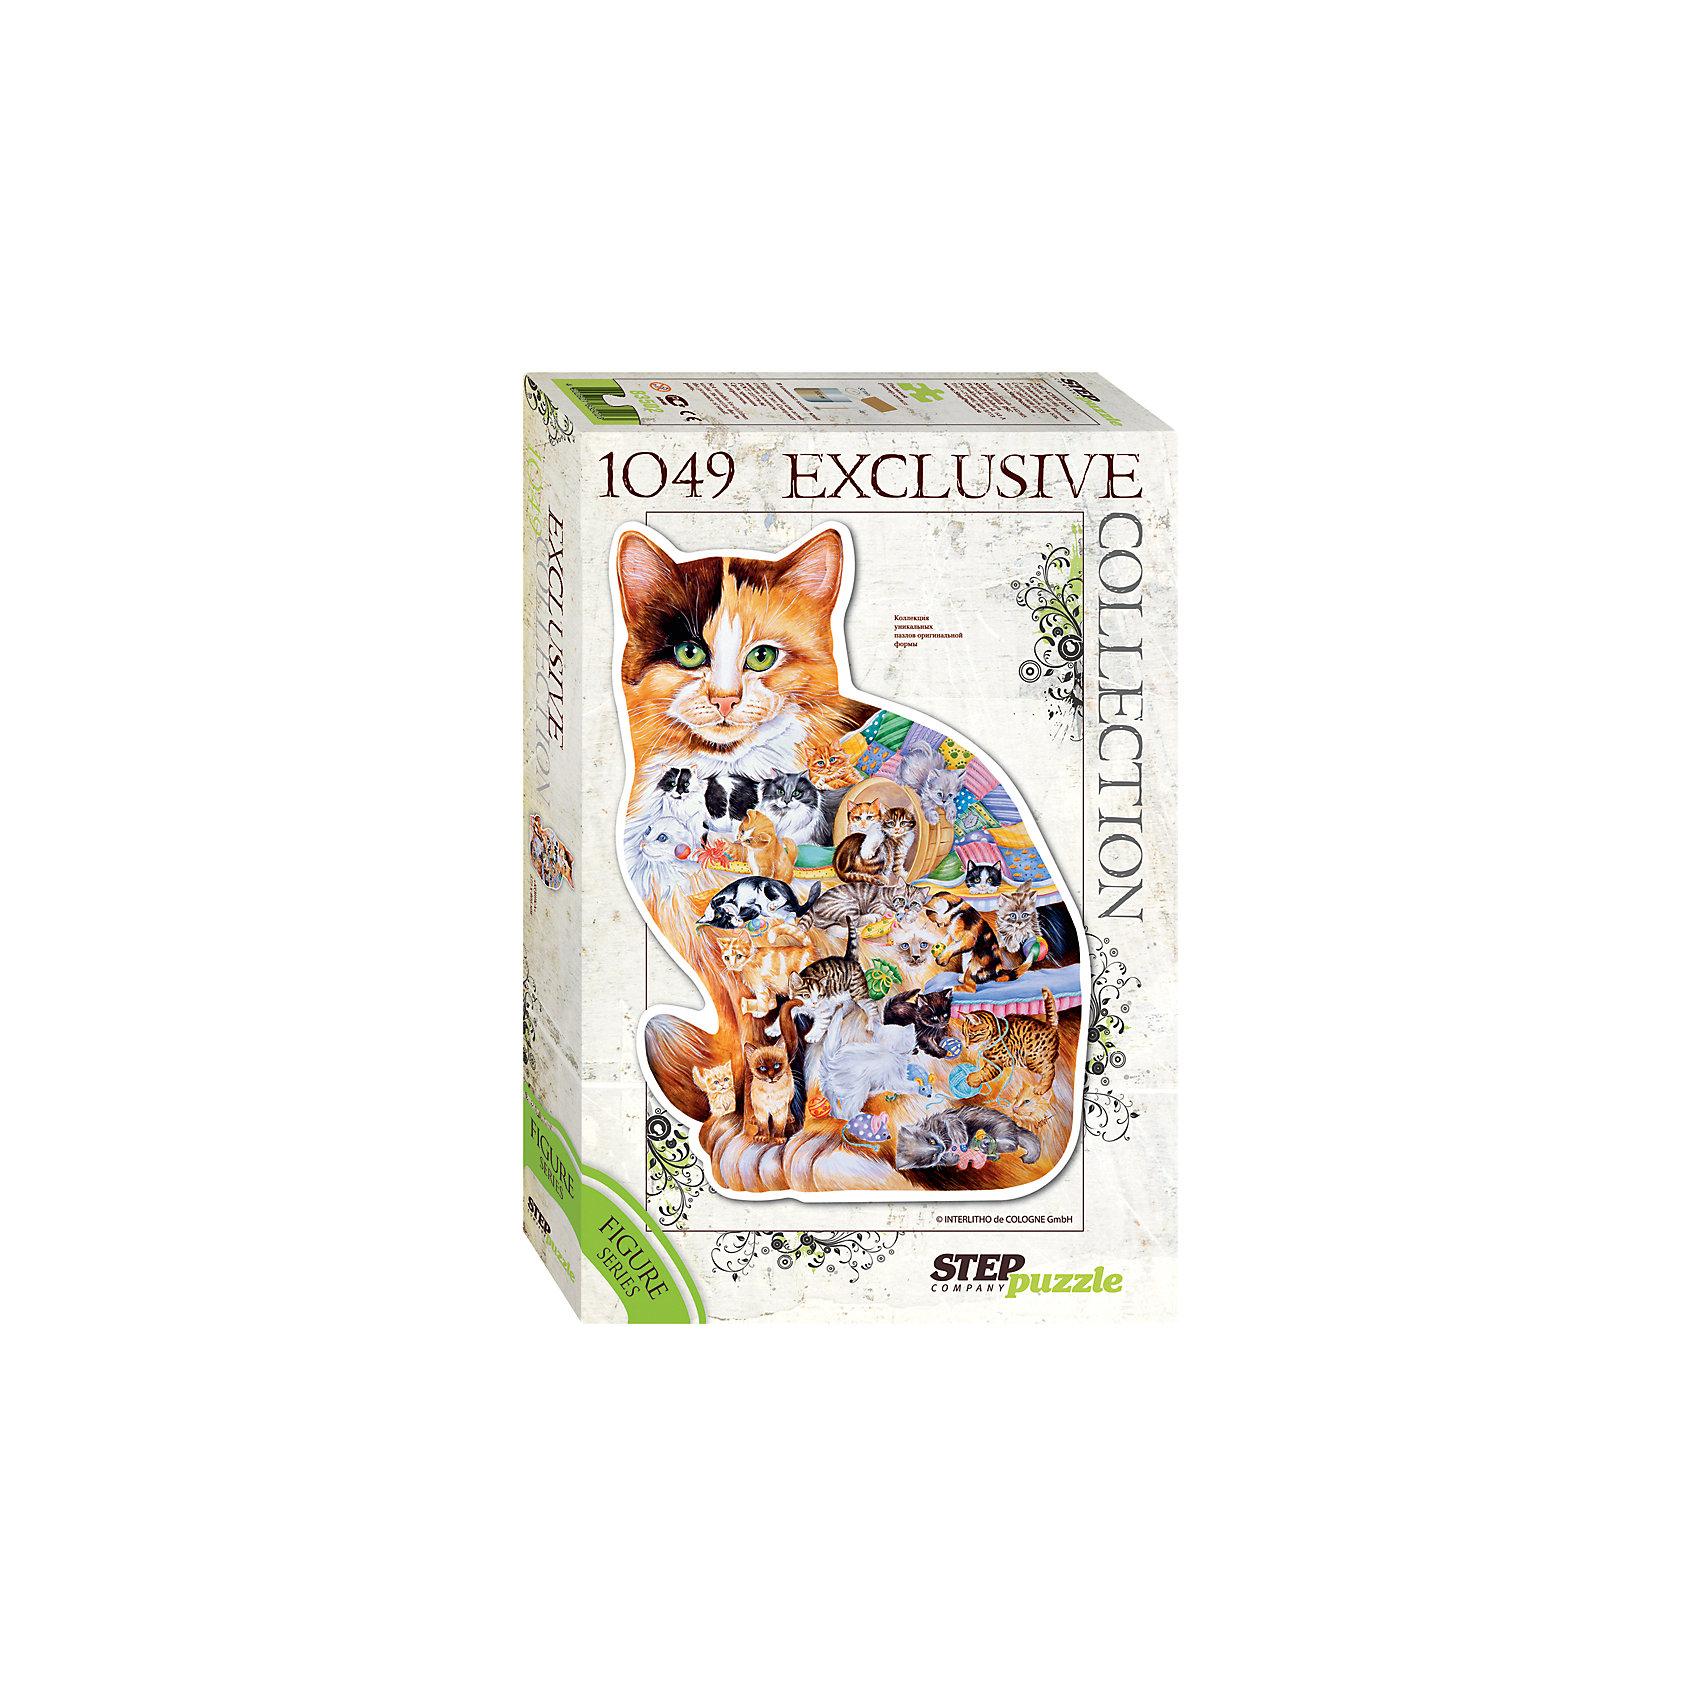 Пазл Кошка, 1049 деталей, Step PuzzleКлассические пазлы<br>Пазл Кошка, 1049 деталей, Step Puzzle (Степ Пазл) – это красочный пазл в форме кошки.<br>Кошка и человек вместе вот уже 10000 лет. За это время было выведено более 200 парод. Сегодня в мире насчитывается около 600 млн. домашних кошек. Собрав этот пазл, Вы получите уникальное фигурное изображение пушистой домашней любимицы. Фигурный пазл – это оригинальный дизайн, улучшенное качество, высокая точность в подгонке деталей. В комплект с пазлом входит специальный клей. Занятия с пазлом поспособствуют развитию множества полезных навыков, таких как мелкая моторика рук, пространственное мышление, память и наблюдательность.<br><br>Дополнительная информация:<br><br>- В комплекте: детали пазла, клей<br>- Количество деталей: 1049<br>- Материал: картон<br>- Размер собранной картины: 572х805 мм.<br>- Отличная проклейка<br>- Детали идеально подходят друг другу<br>- Упаковка: картонная коробка<br>- Размер упаковки: 400x55x270 мм.<br>- Вес: 600 гр.<br><br>Пазл Кошка, 1049 деталей, Step Puzzle (Степ Пазл) можно купить в нашем интернет-магазине.<br><br>Ширина мм: 400<br>Глубина мм: 55<br>Высота мм: 270<br>Вес г: 600<br>Возраст от месяцев: 84<br>Возраст до месяцев: 192<br>Пол: Унисекс<br>Возраст: Детский<br>SKU: 4588310